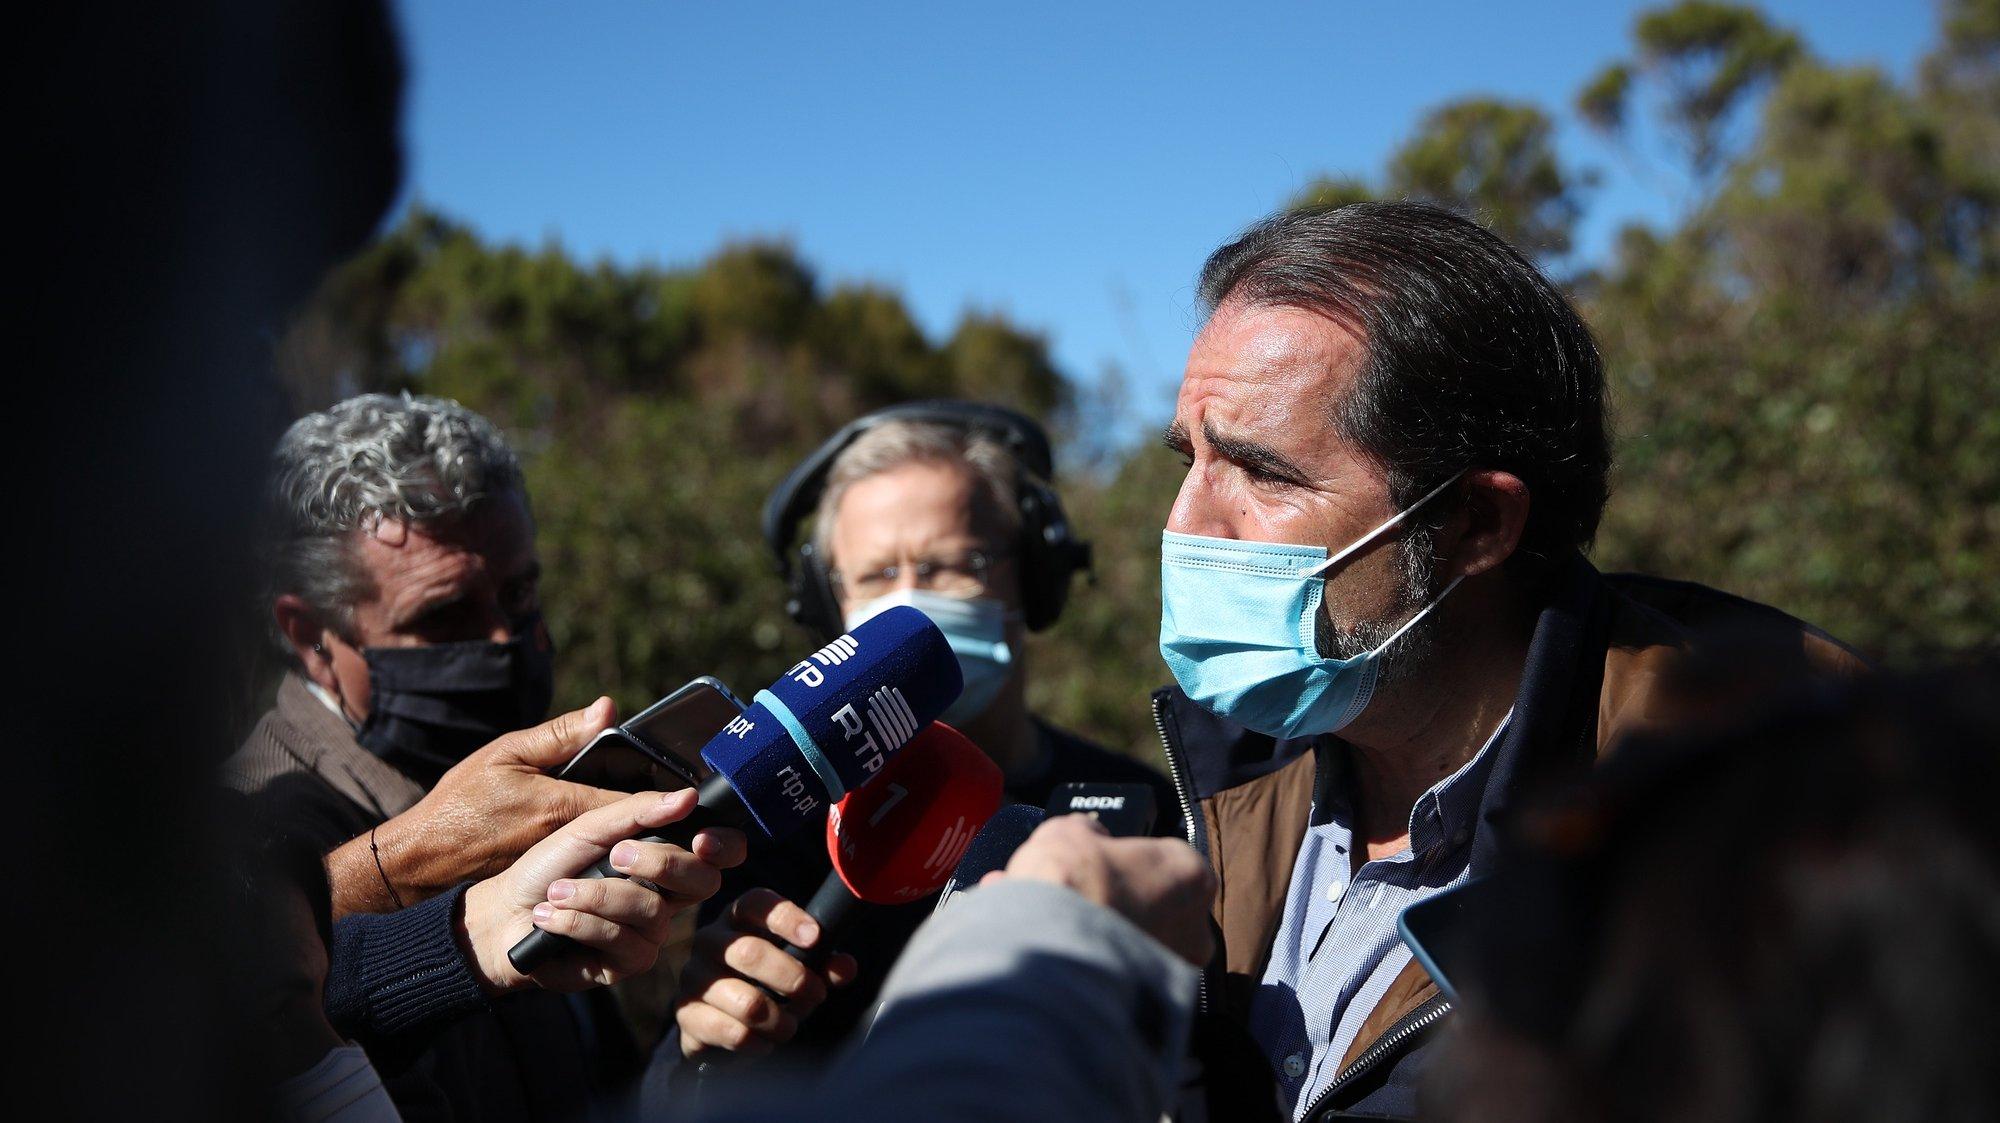 O Presidente do Governo Regional da Madeira, Miguel Albuquerque, fala aos jornalistas esta manhã durante uma visita à reabilitada Vereda da Palha Carga, no Rabaçal, no Porto Moniz, 18 de março de 2021. HOMEM DE GOUVEIA/LUSA